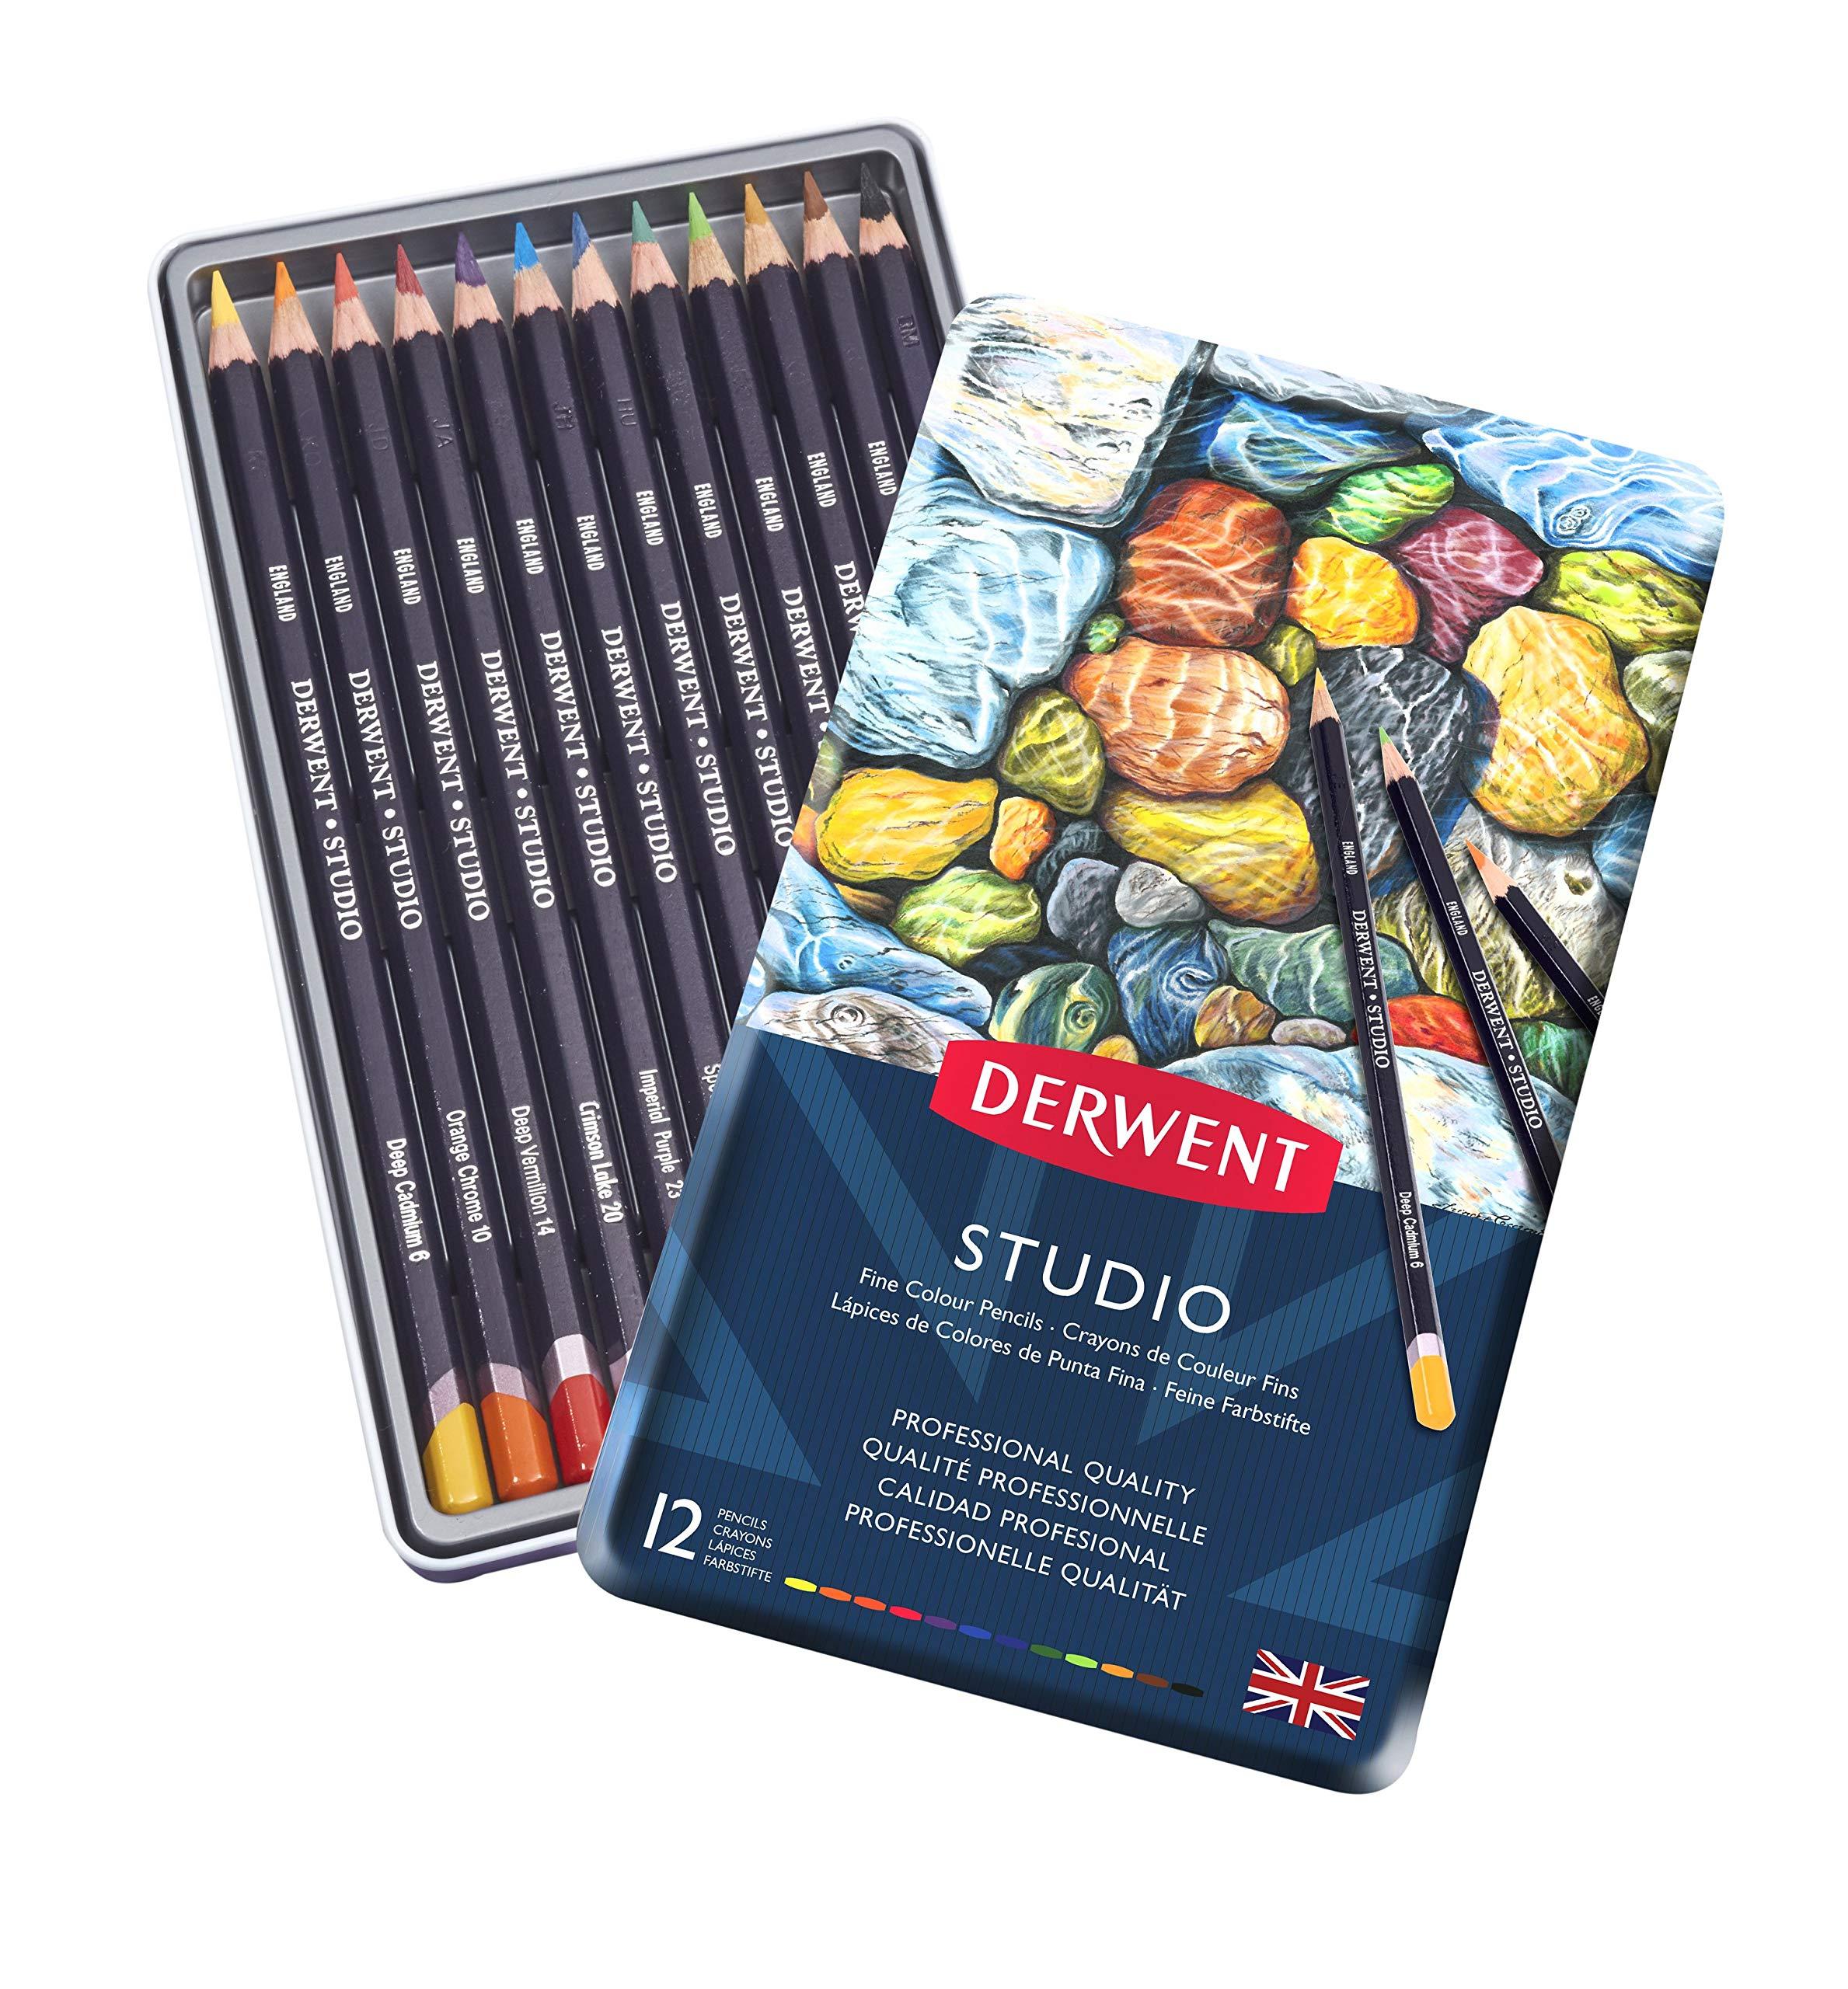 Derwent - Studio Pencils, 12 Tin